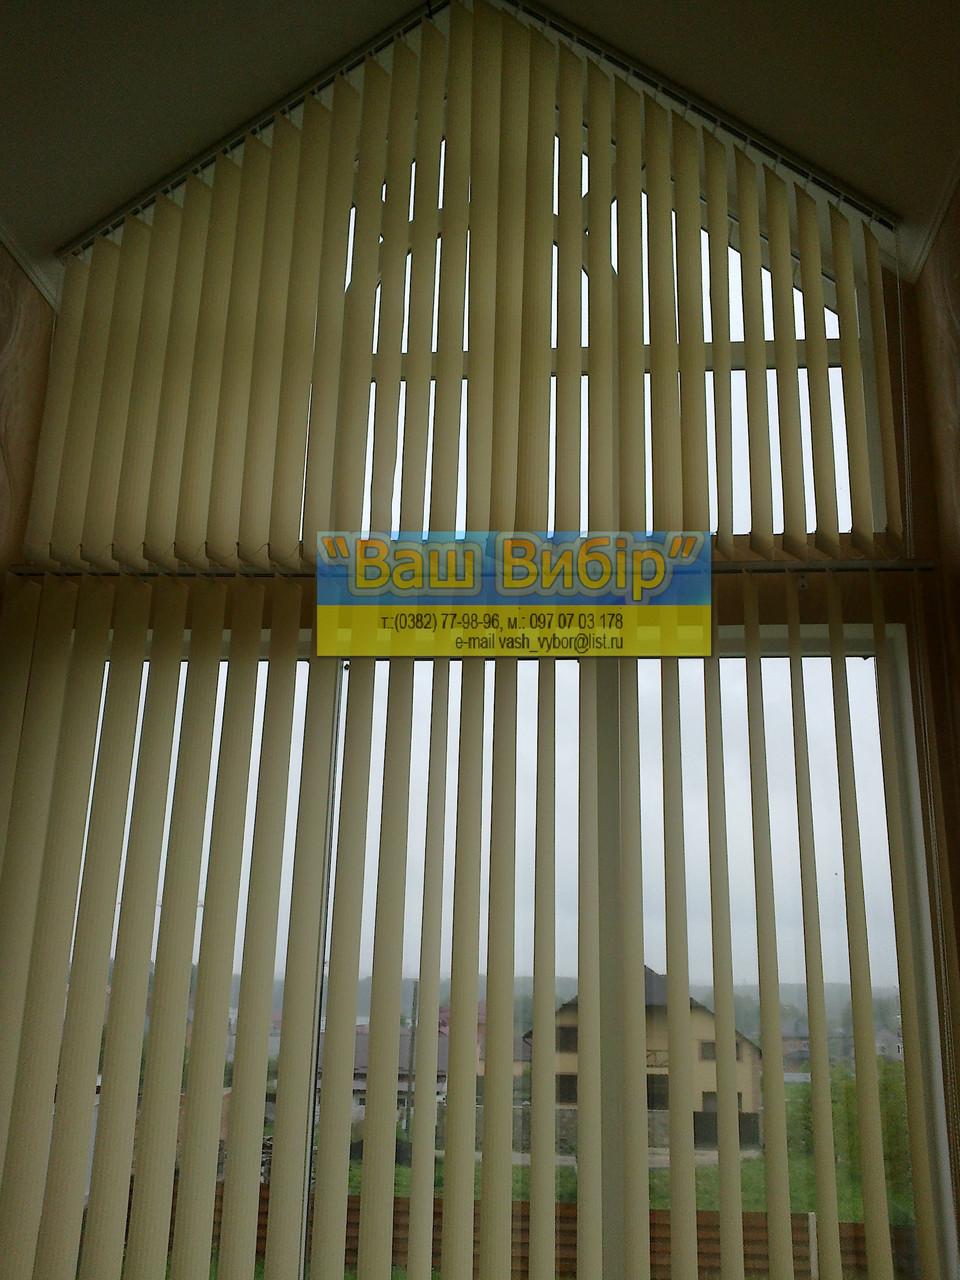 ЖАЛЮЗИ ВЕРТИКАЛЬНЫЕ В ОФИС, КВАРТИРУ НА БАЛКОН с шириной ламели 127мм ткань Line8004